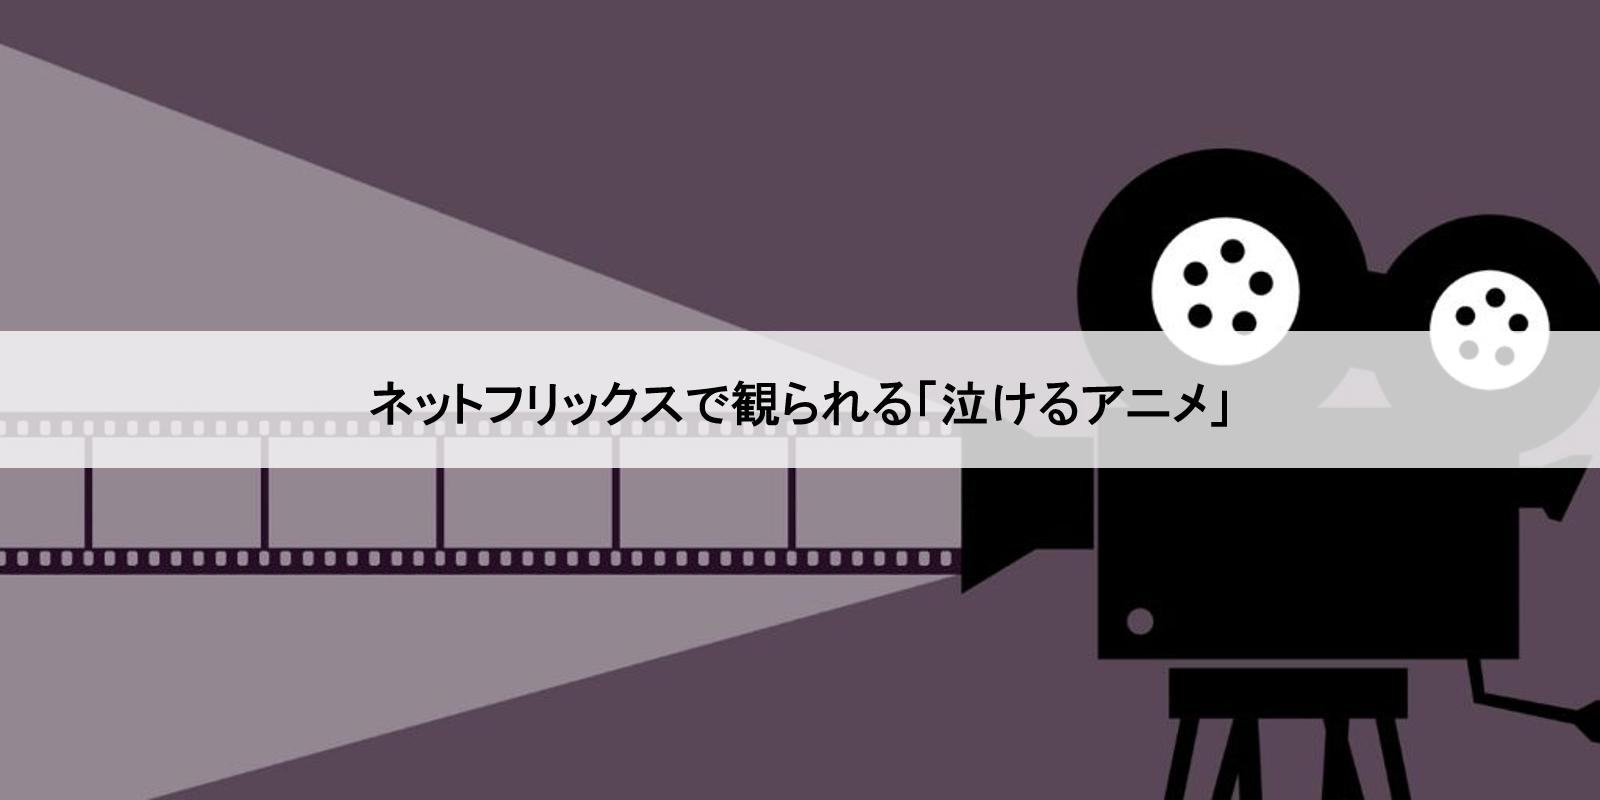 ネットフリックス泣けるアニメ